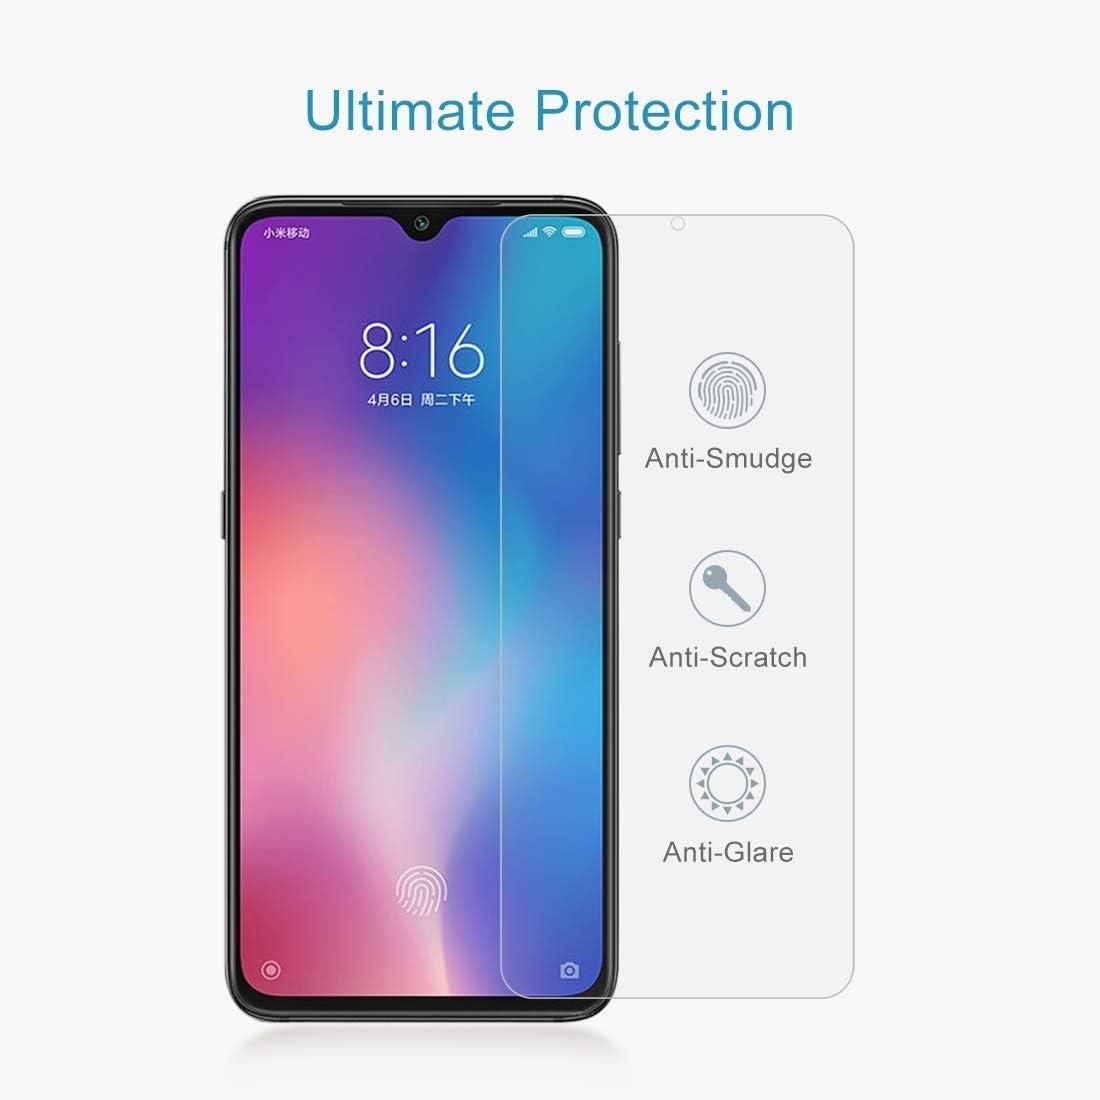 GUOSHU Premium Tempered Glass Screen Film 100 PCS 0.26mm 9H 2.5D Tempered Glass Film for Xiaomi Mi 9 SE Anti-Scratch Screen Protector